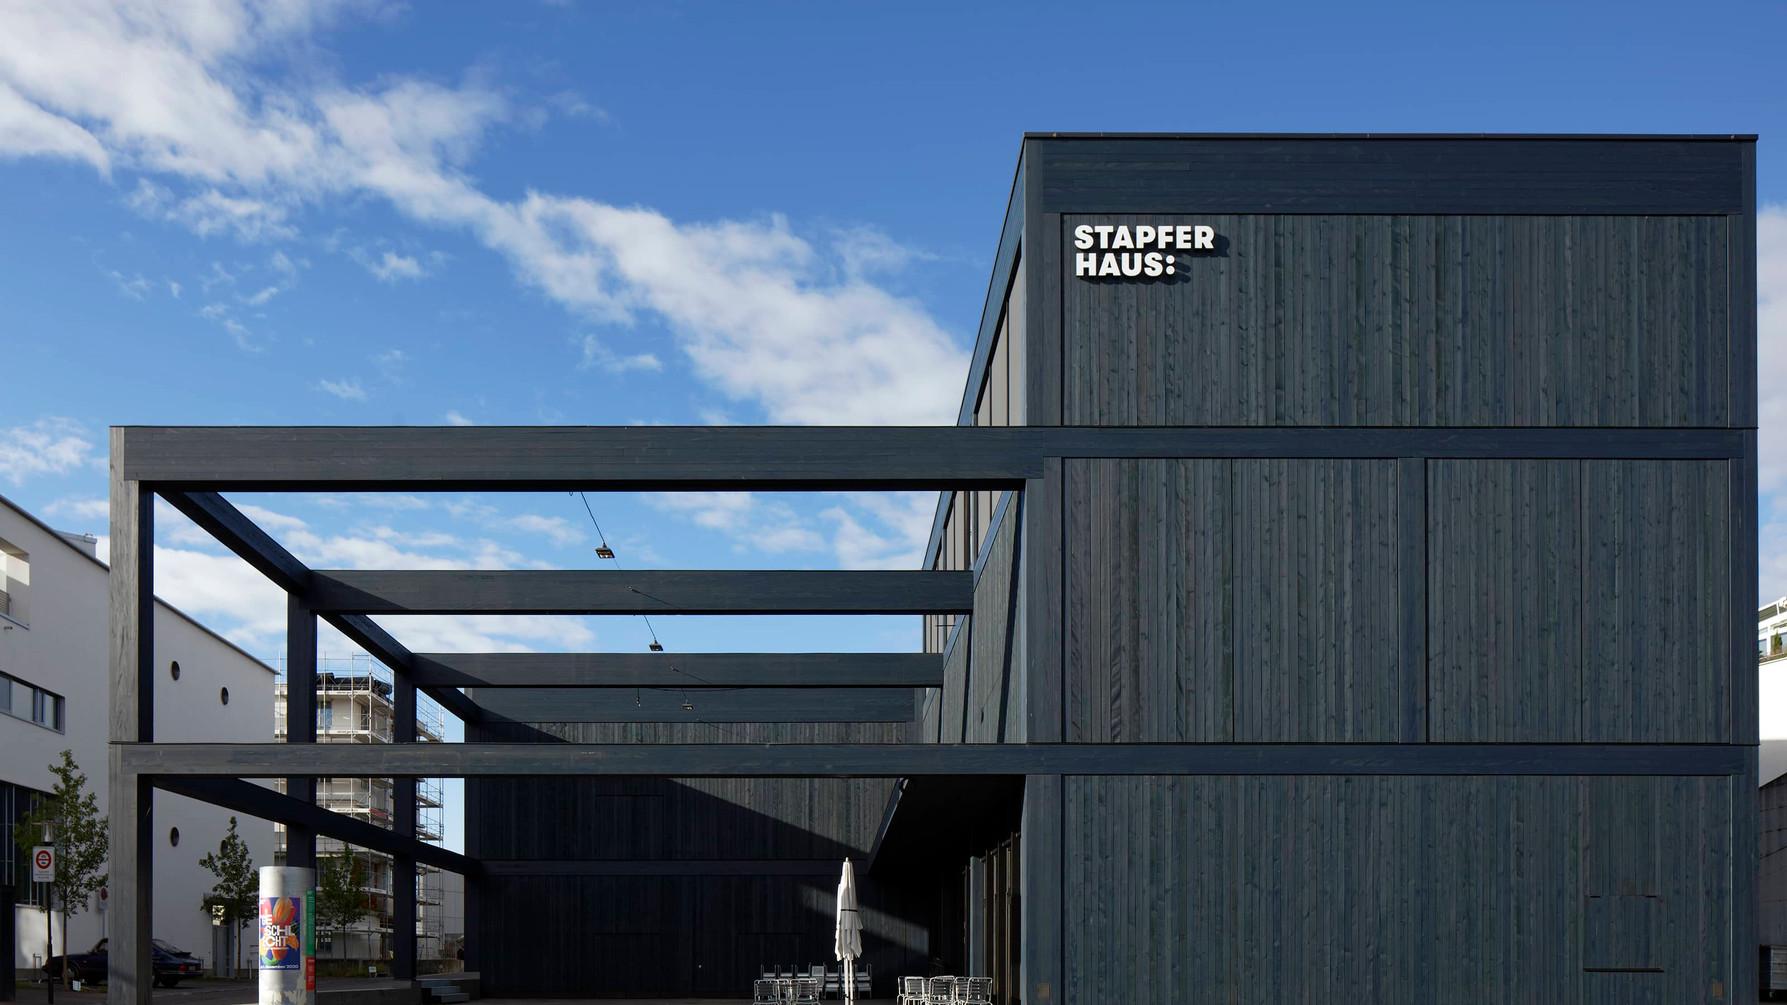 Stapferhaus